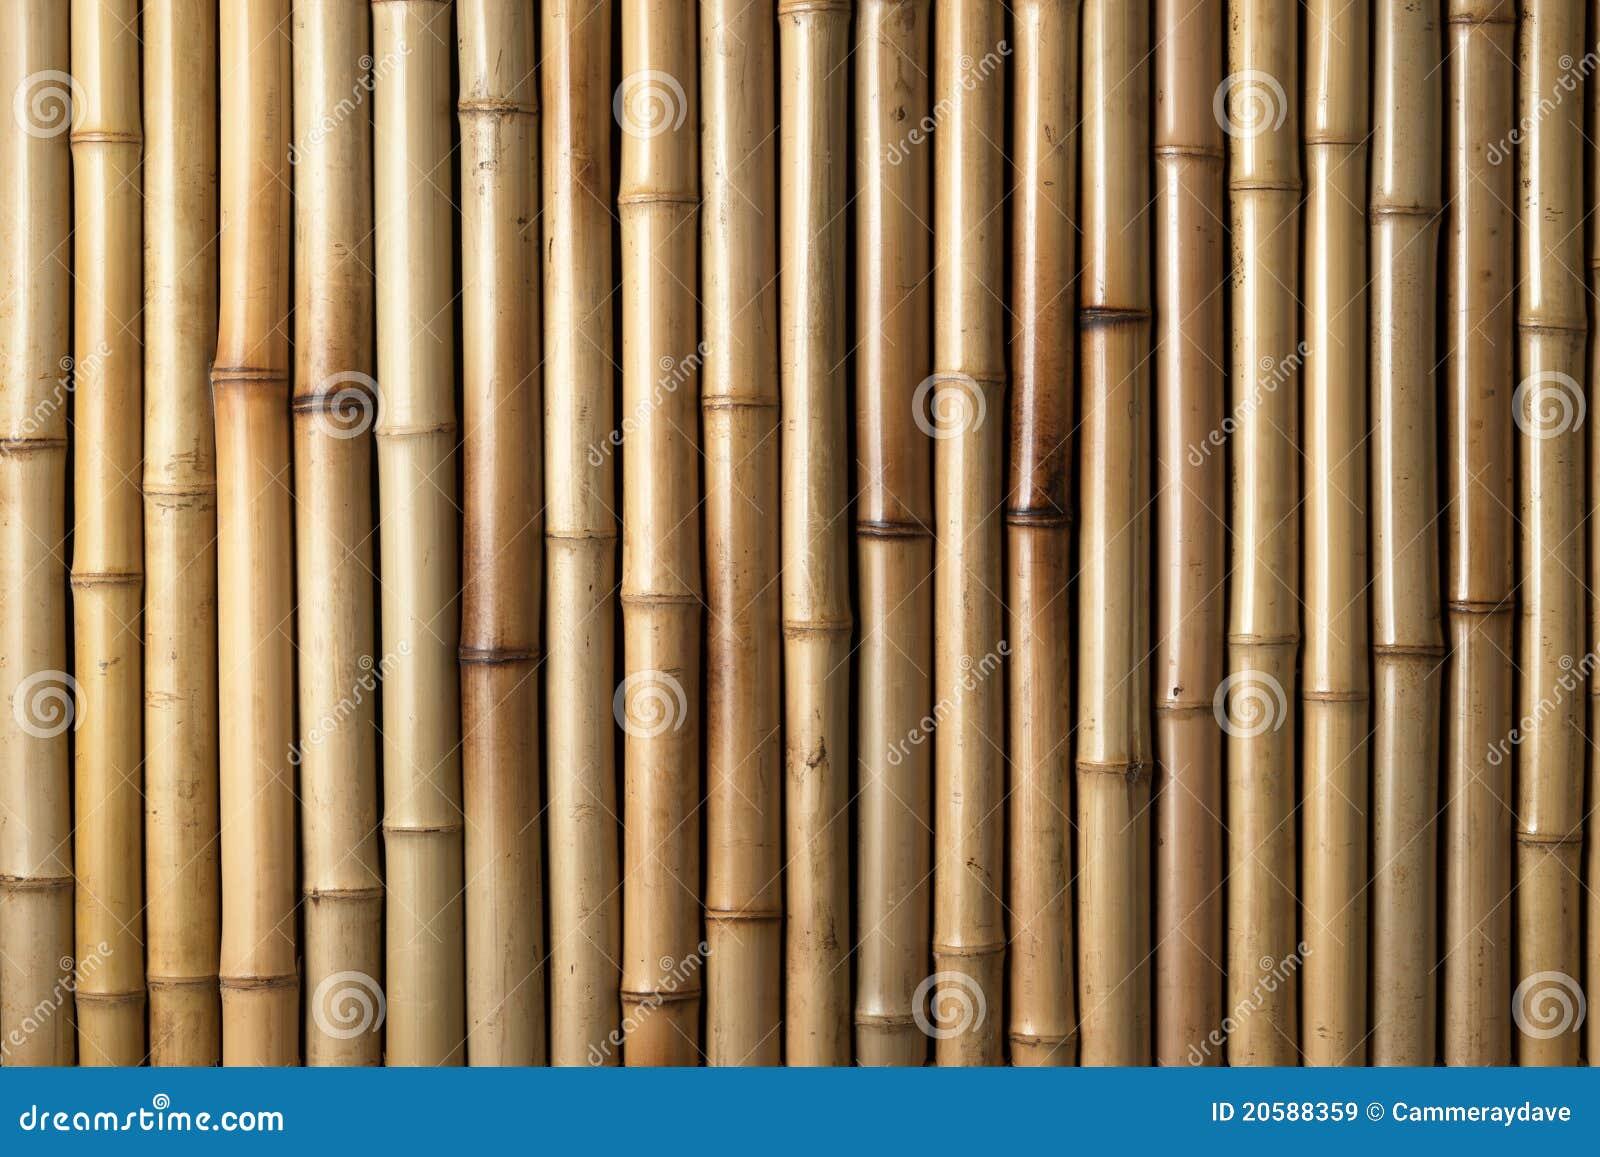 Fond en bambou en bois